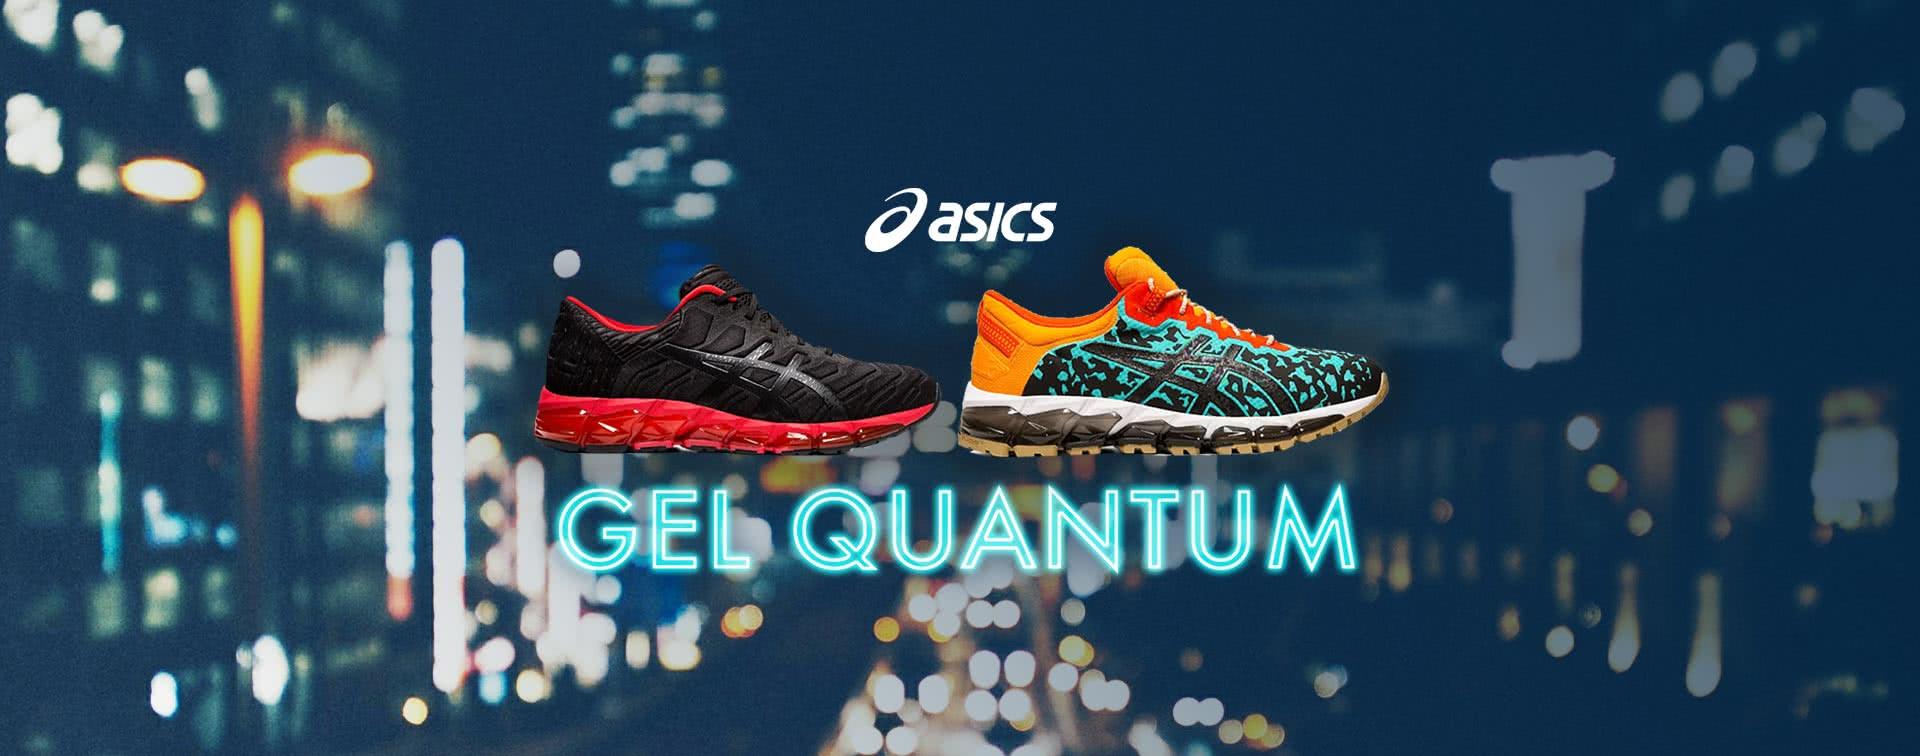 Asics Gel Quantum